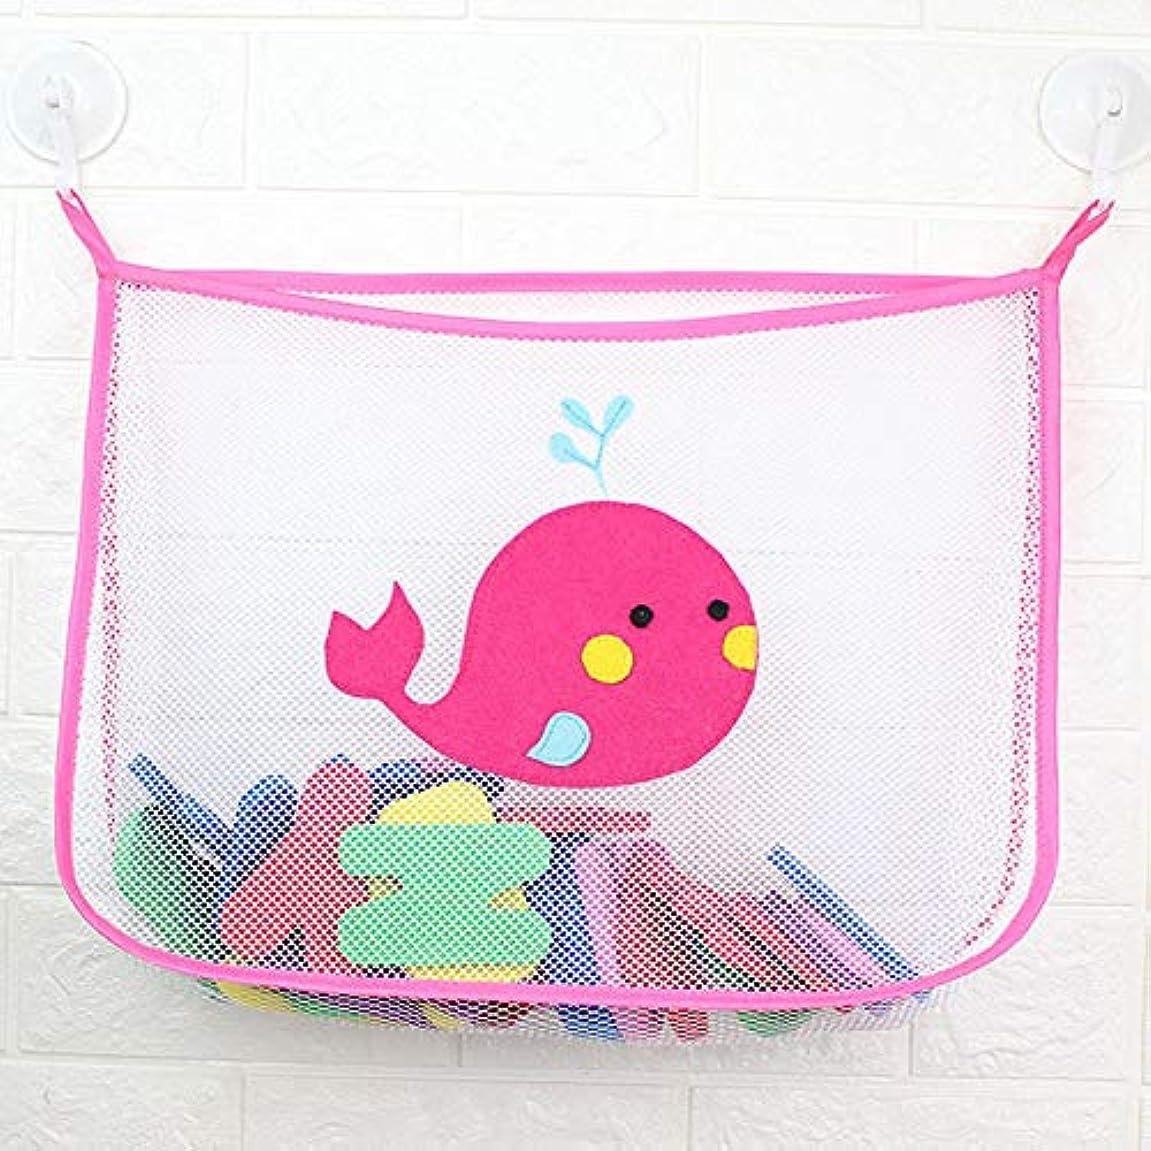 怪しい崇拝する見捨てるベビーシャワー風呂のおもちゃ小さなアヒル小さなカエルの赤ちゃん子供のおもちゃ収納メッシュで強い吸盤玩具バッグネット浴室オーガナイザー (ピンク)